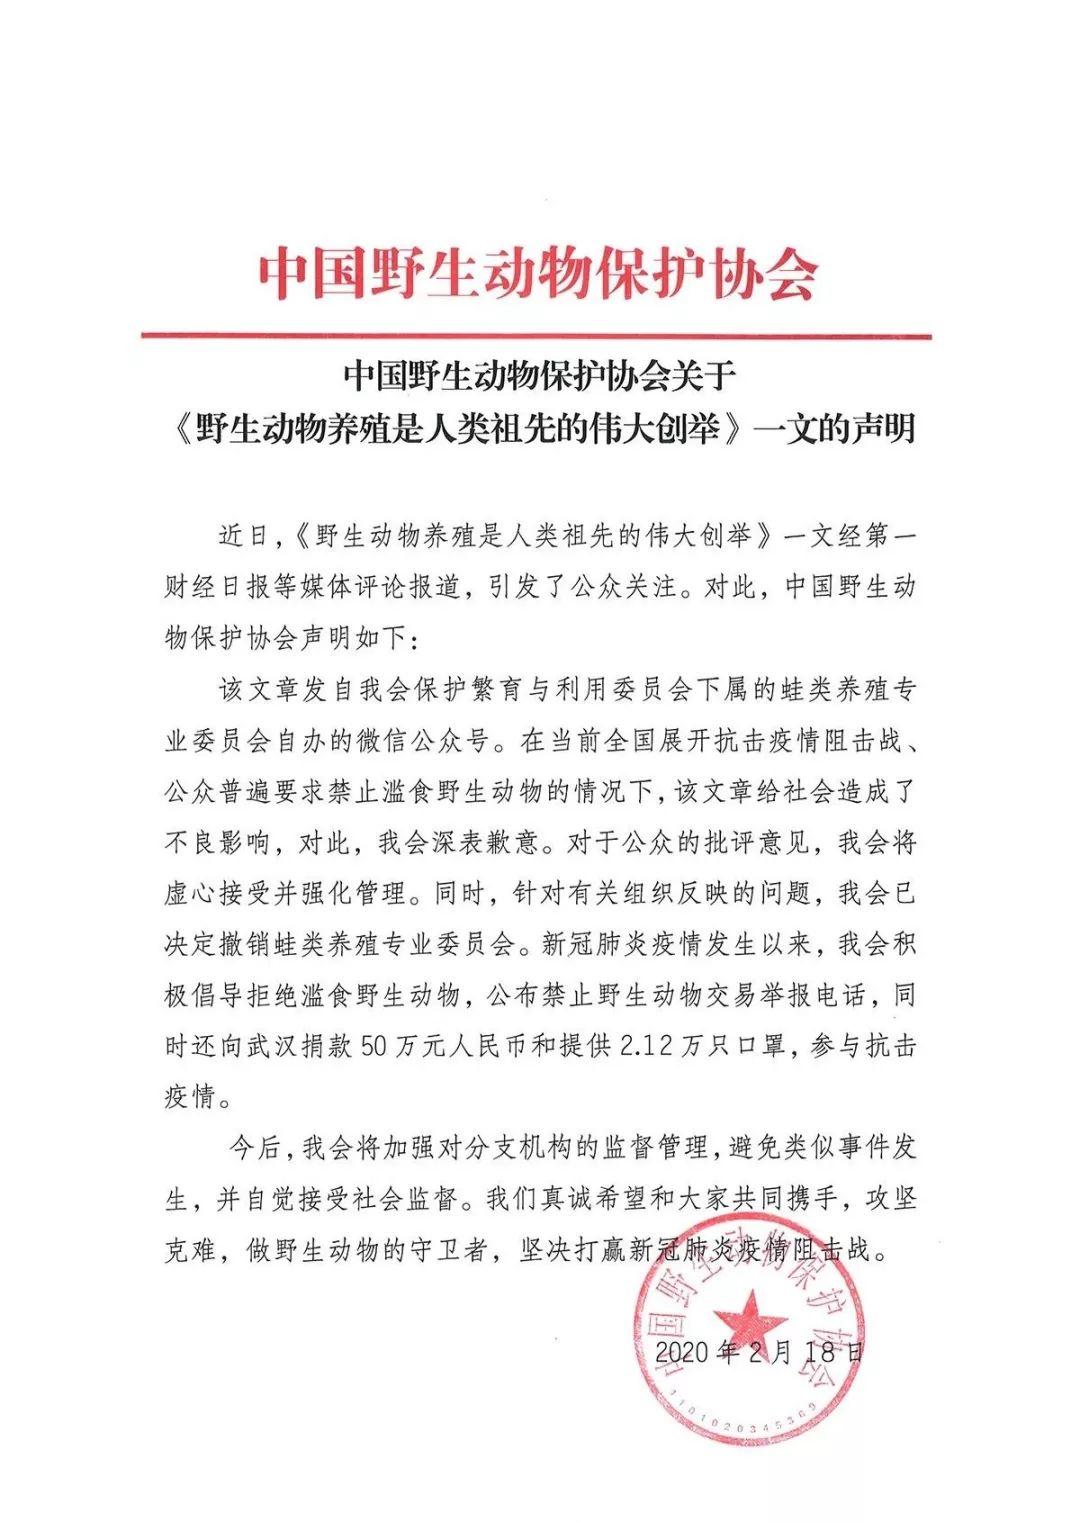 中国野生动物保护协会微信公众号 图